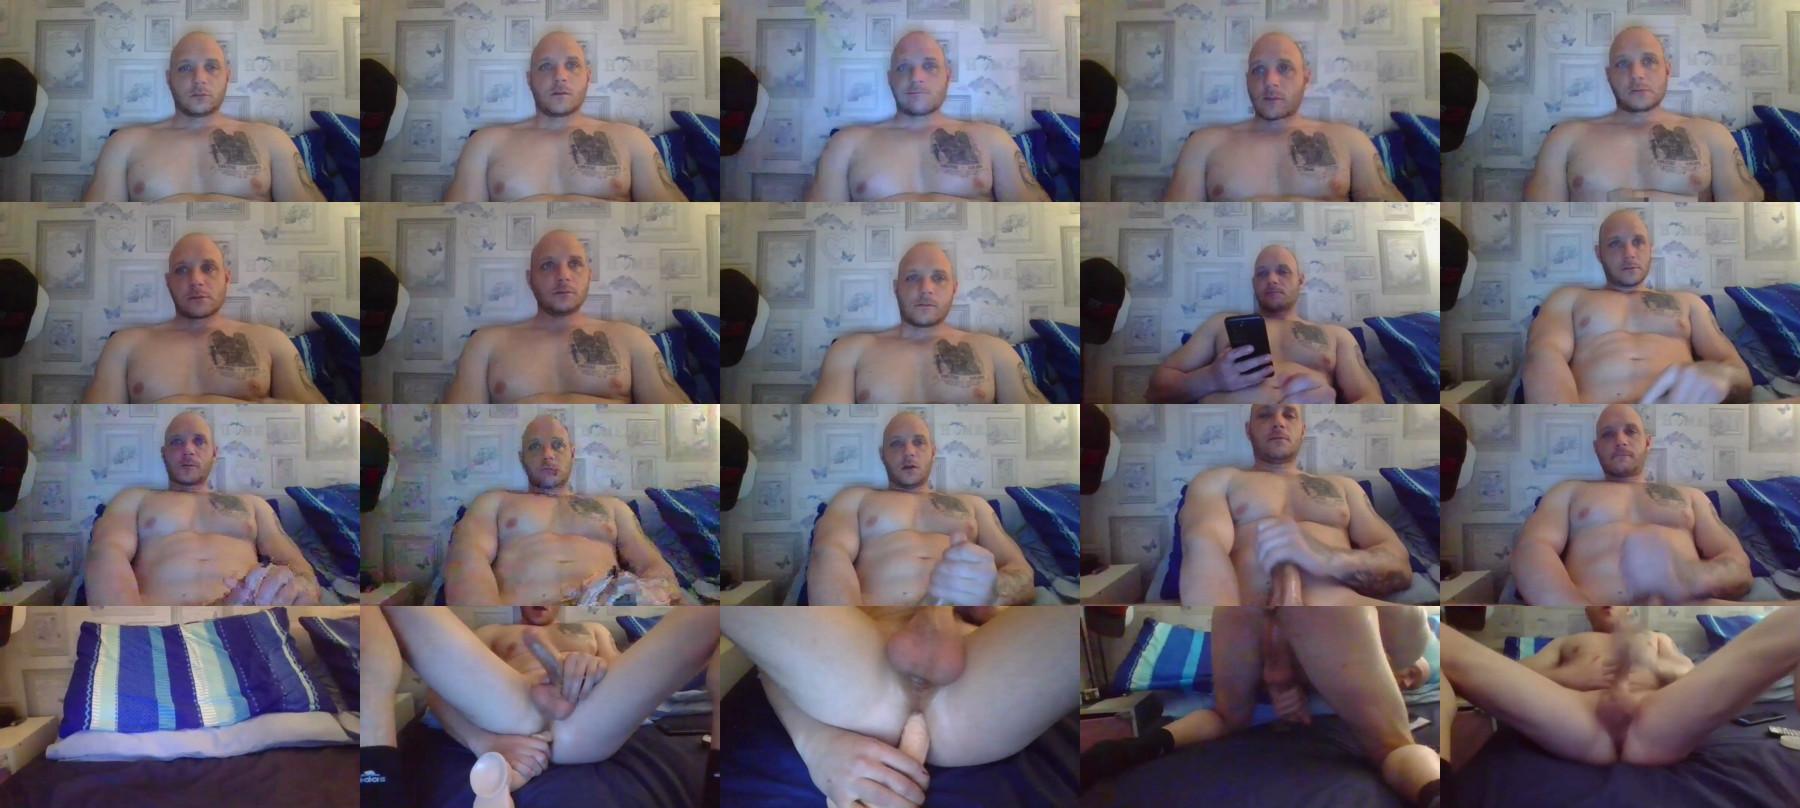 Ts_Lover_86 Chaturbate 08-04-2021 Male Porn